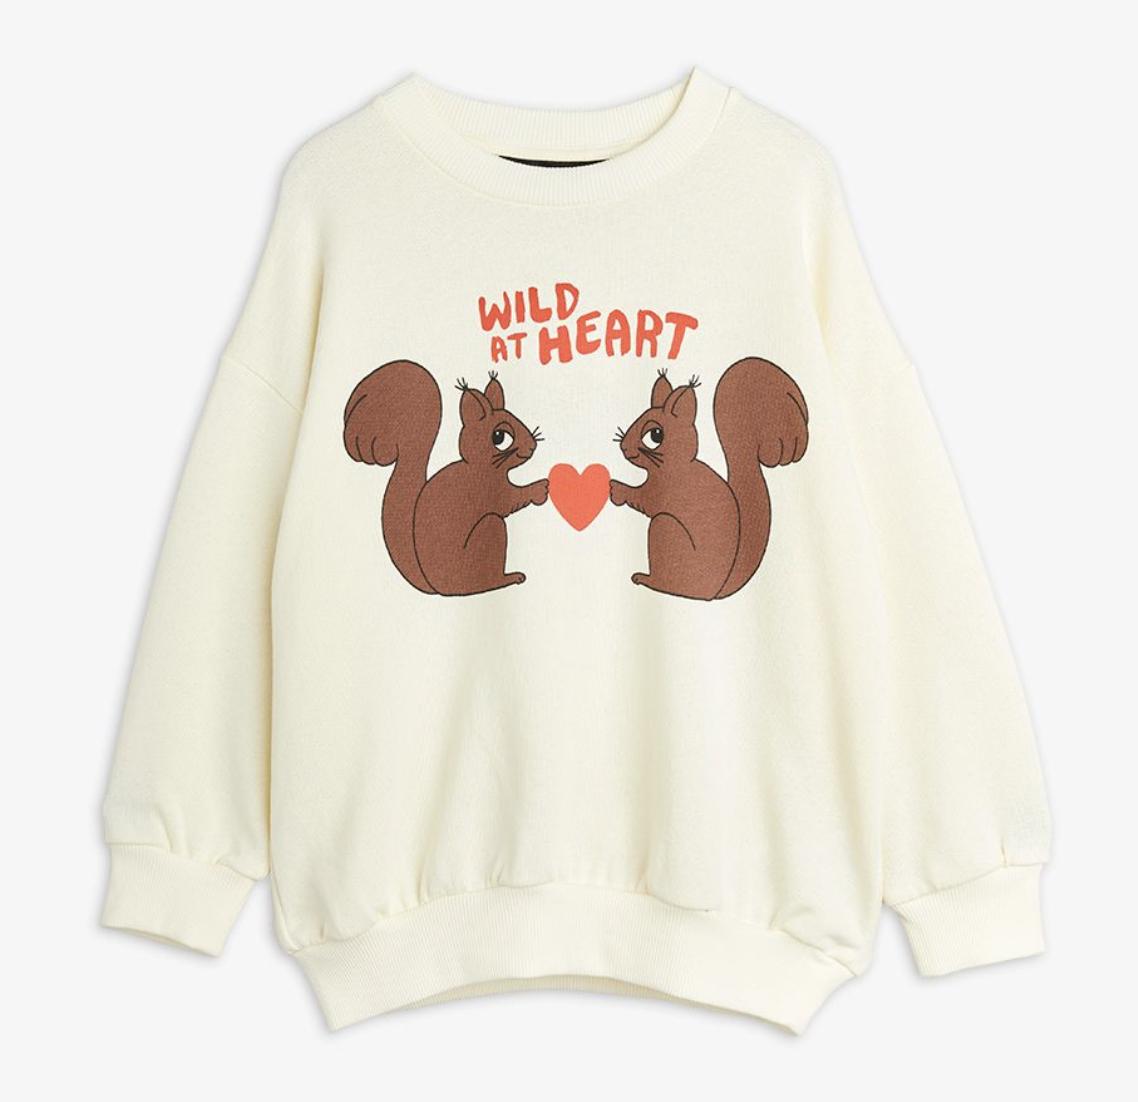 MINI RODINI Wild At Heart Sweatshirt